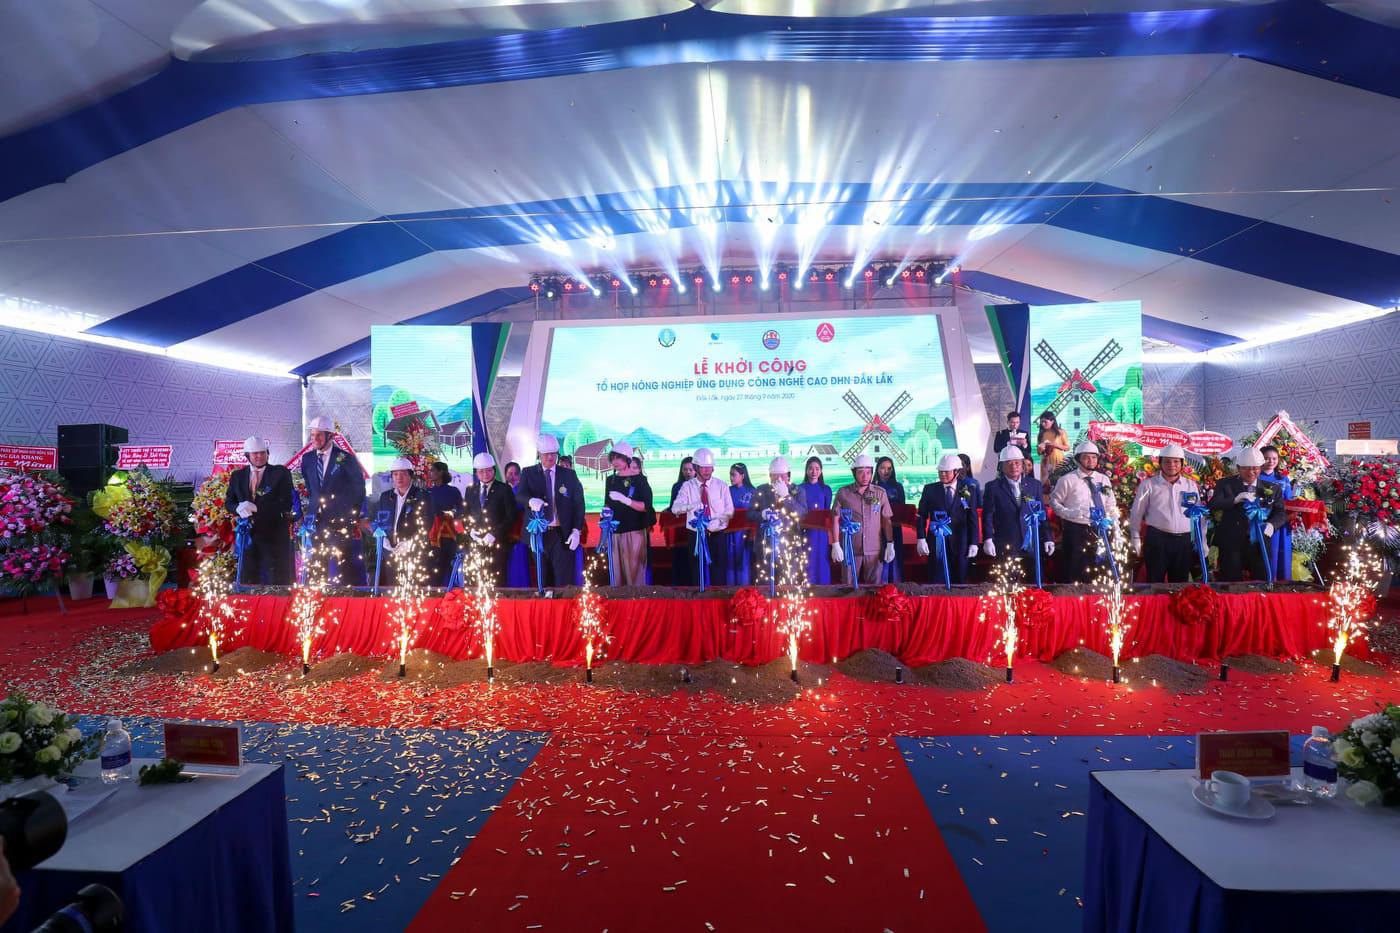 Chính thức khởi công dự án nông nghiệp công nghệ cao DHN Đắk Lắk, rộng 200ha, quy mô 1.500 tỷ - Ảnh 2.